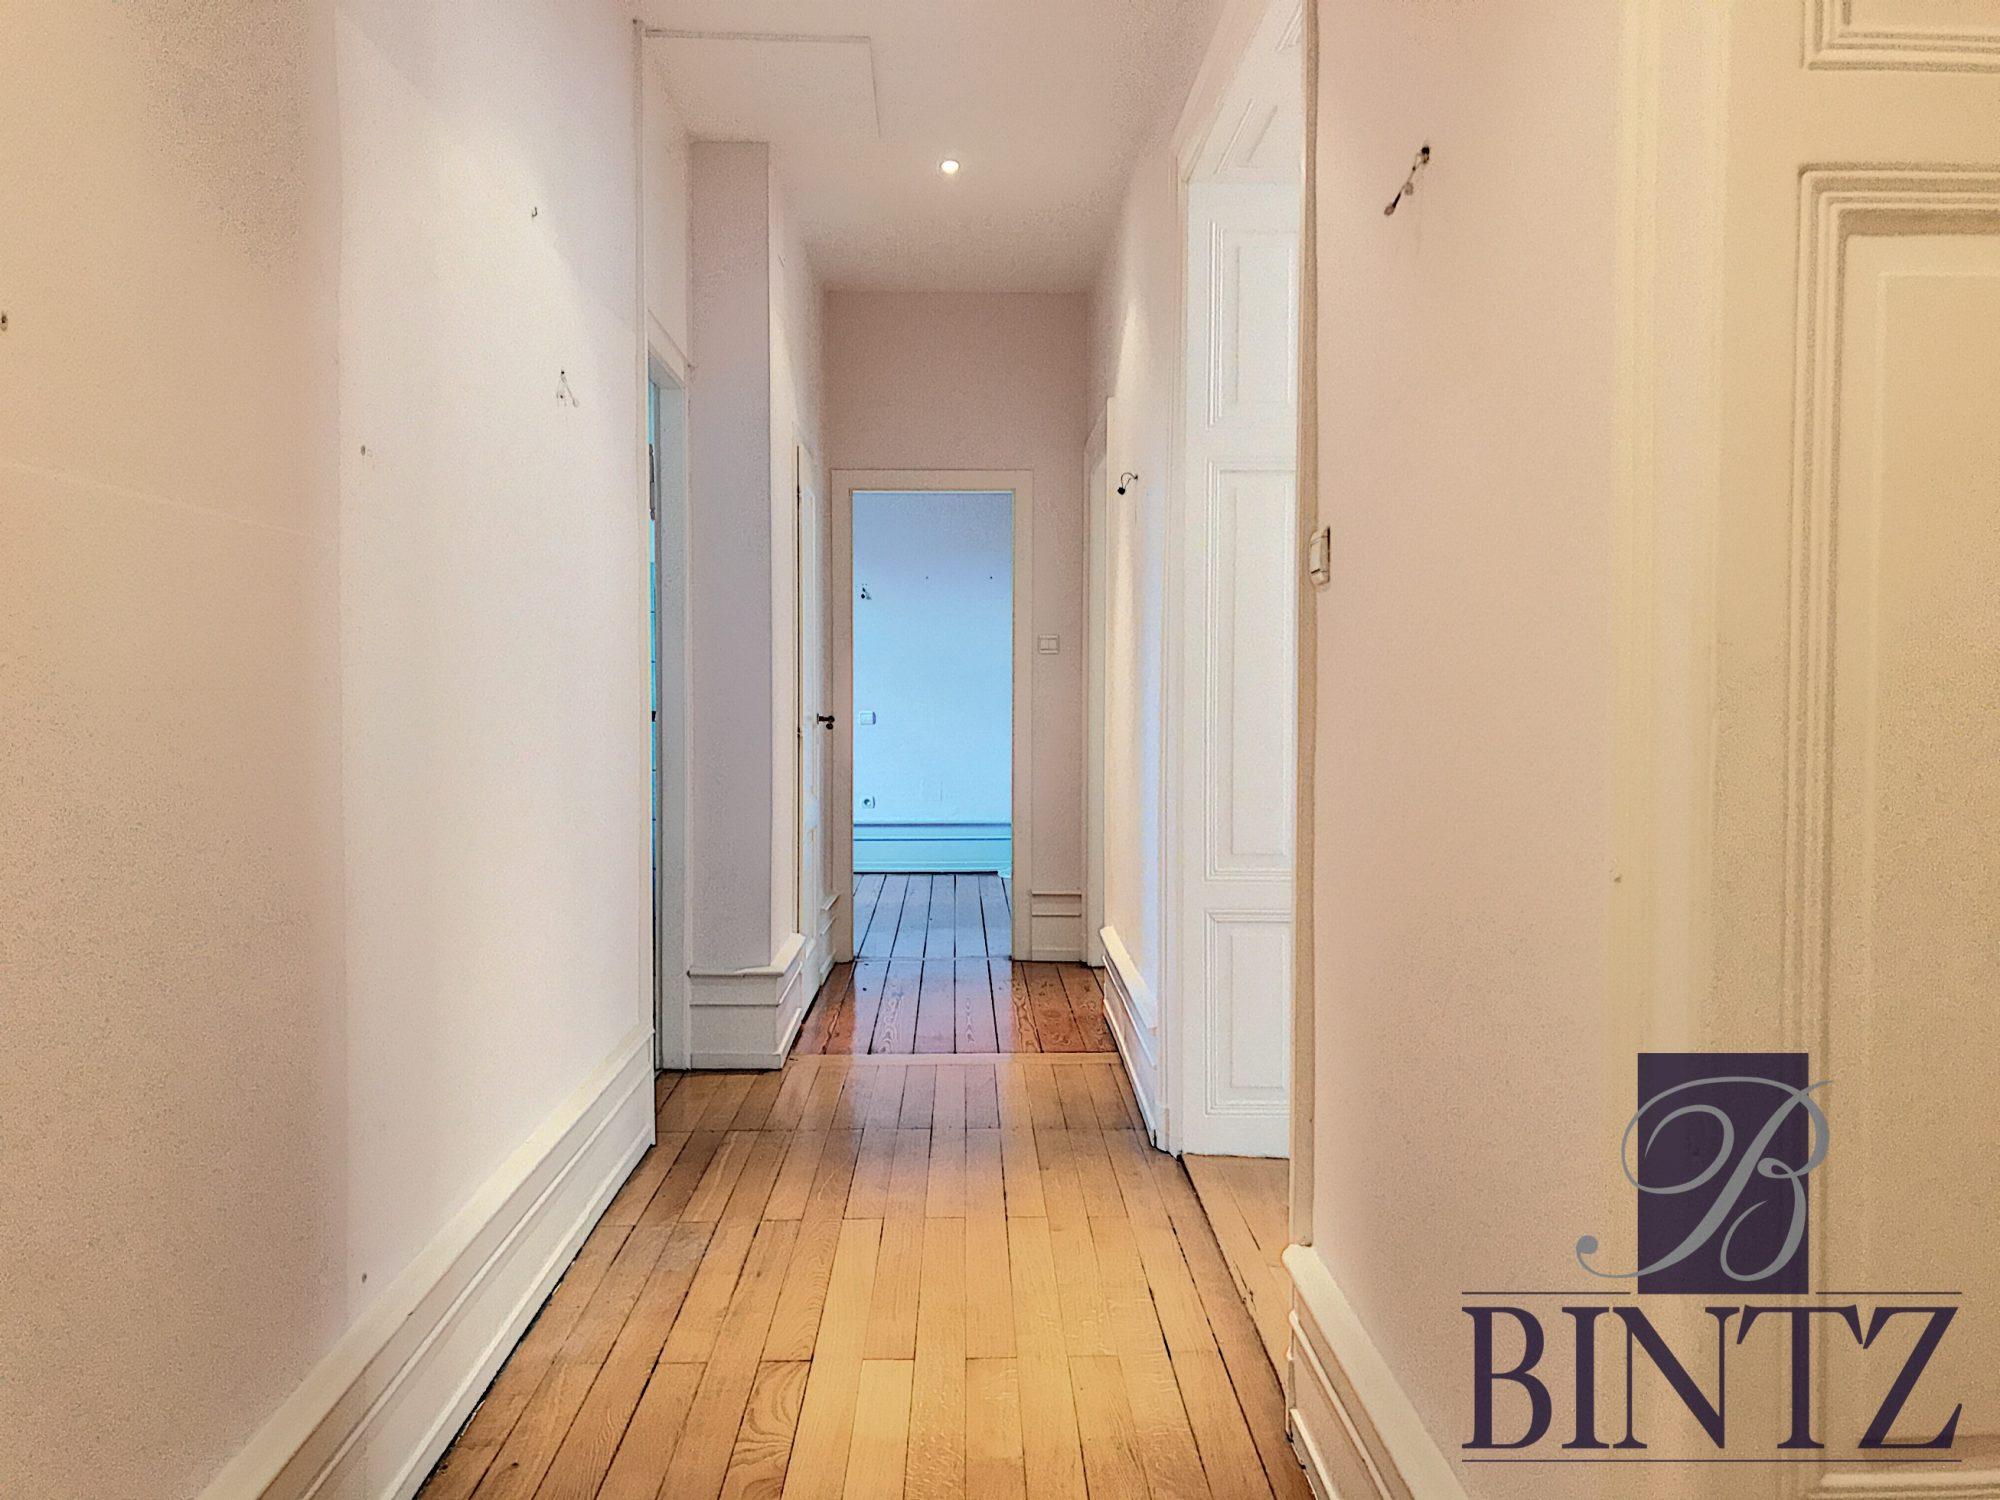 5 PIÈCES QUARTIER CONTADES AVEC 2 BALCONS - Devenez propriétaire en toute confiance - Bintz Immobilier - 6